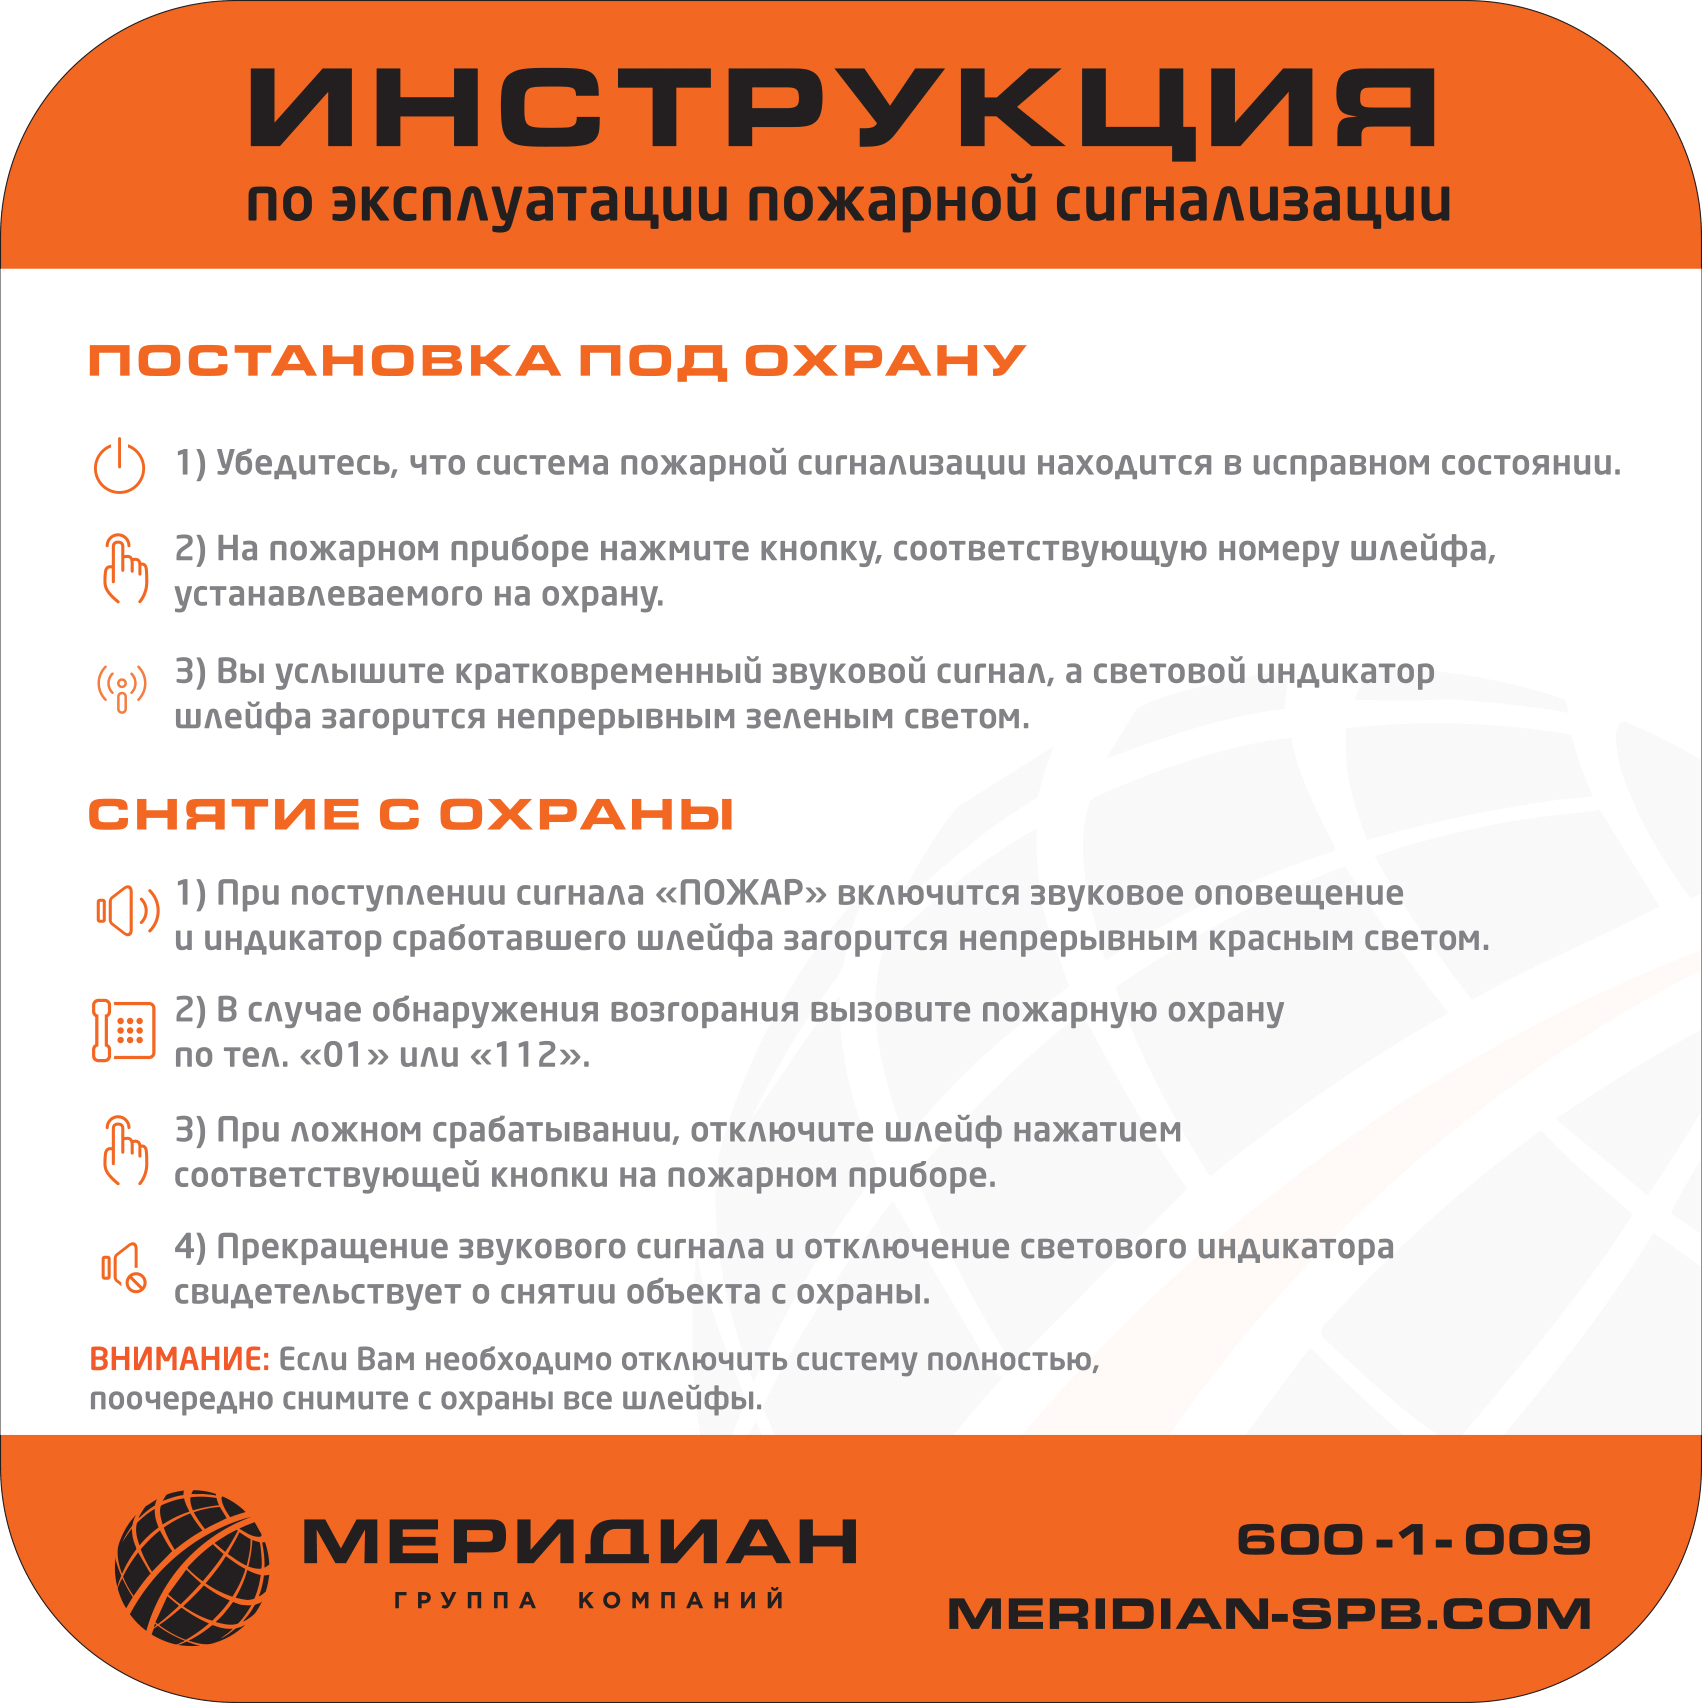 Инструкция по эксплуатации пожарной сигнализации